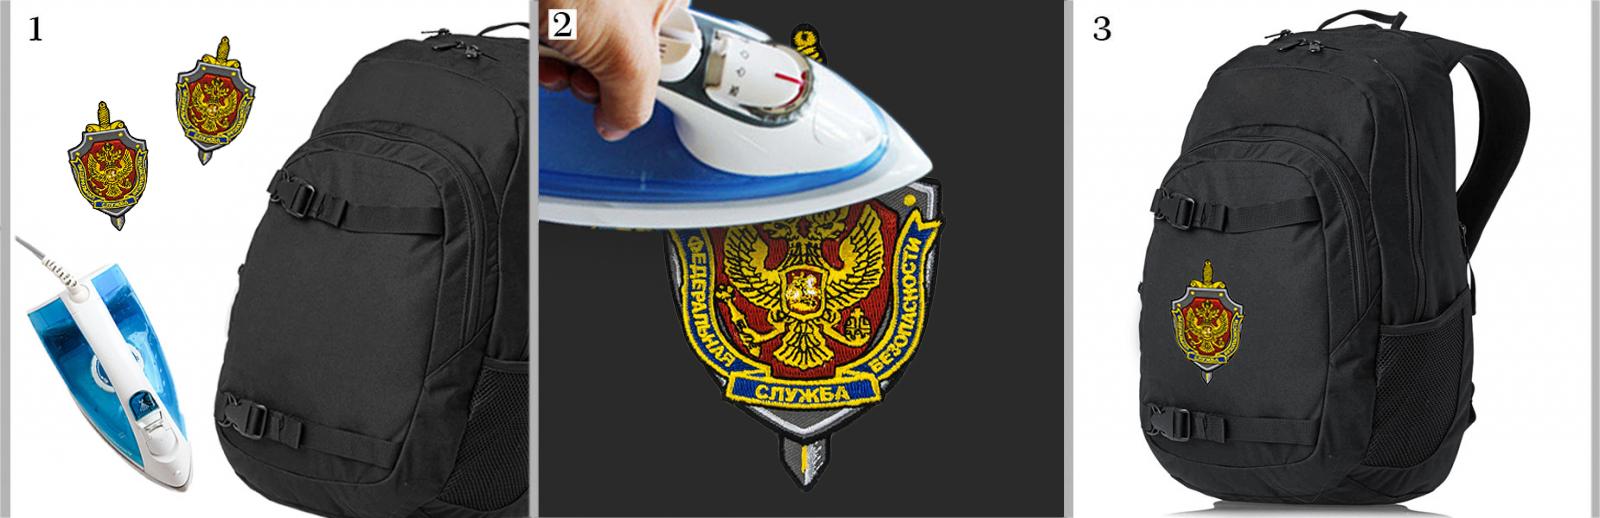 Термошеврон с символикой  Федеральной Службы Безопасности